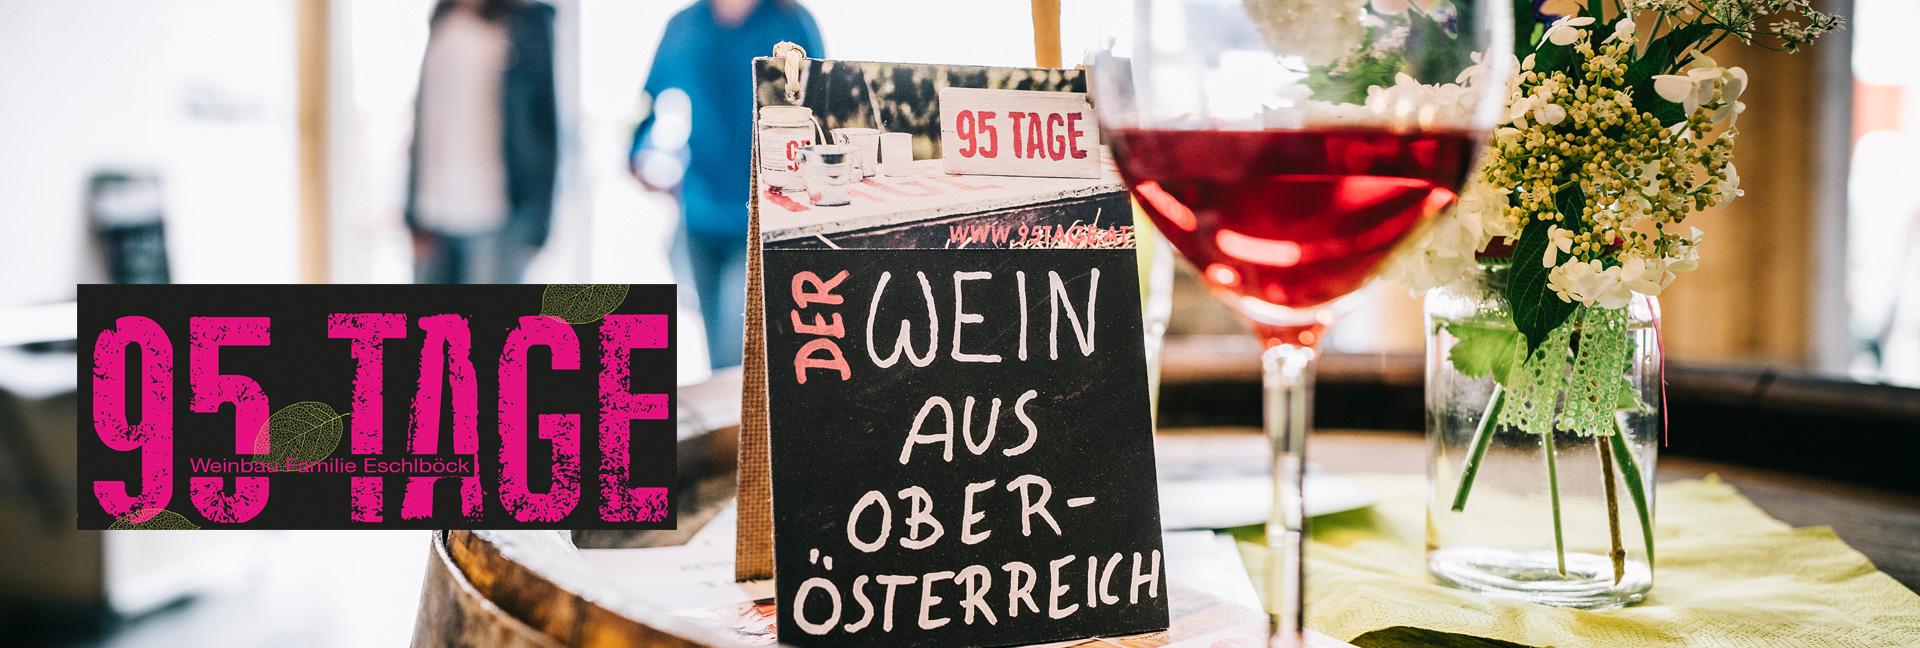 95Tage-der-Wein-aus-oö-logo1920.jpg